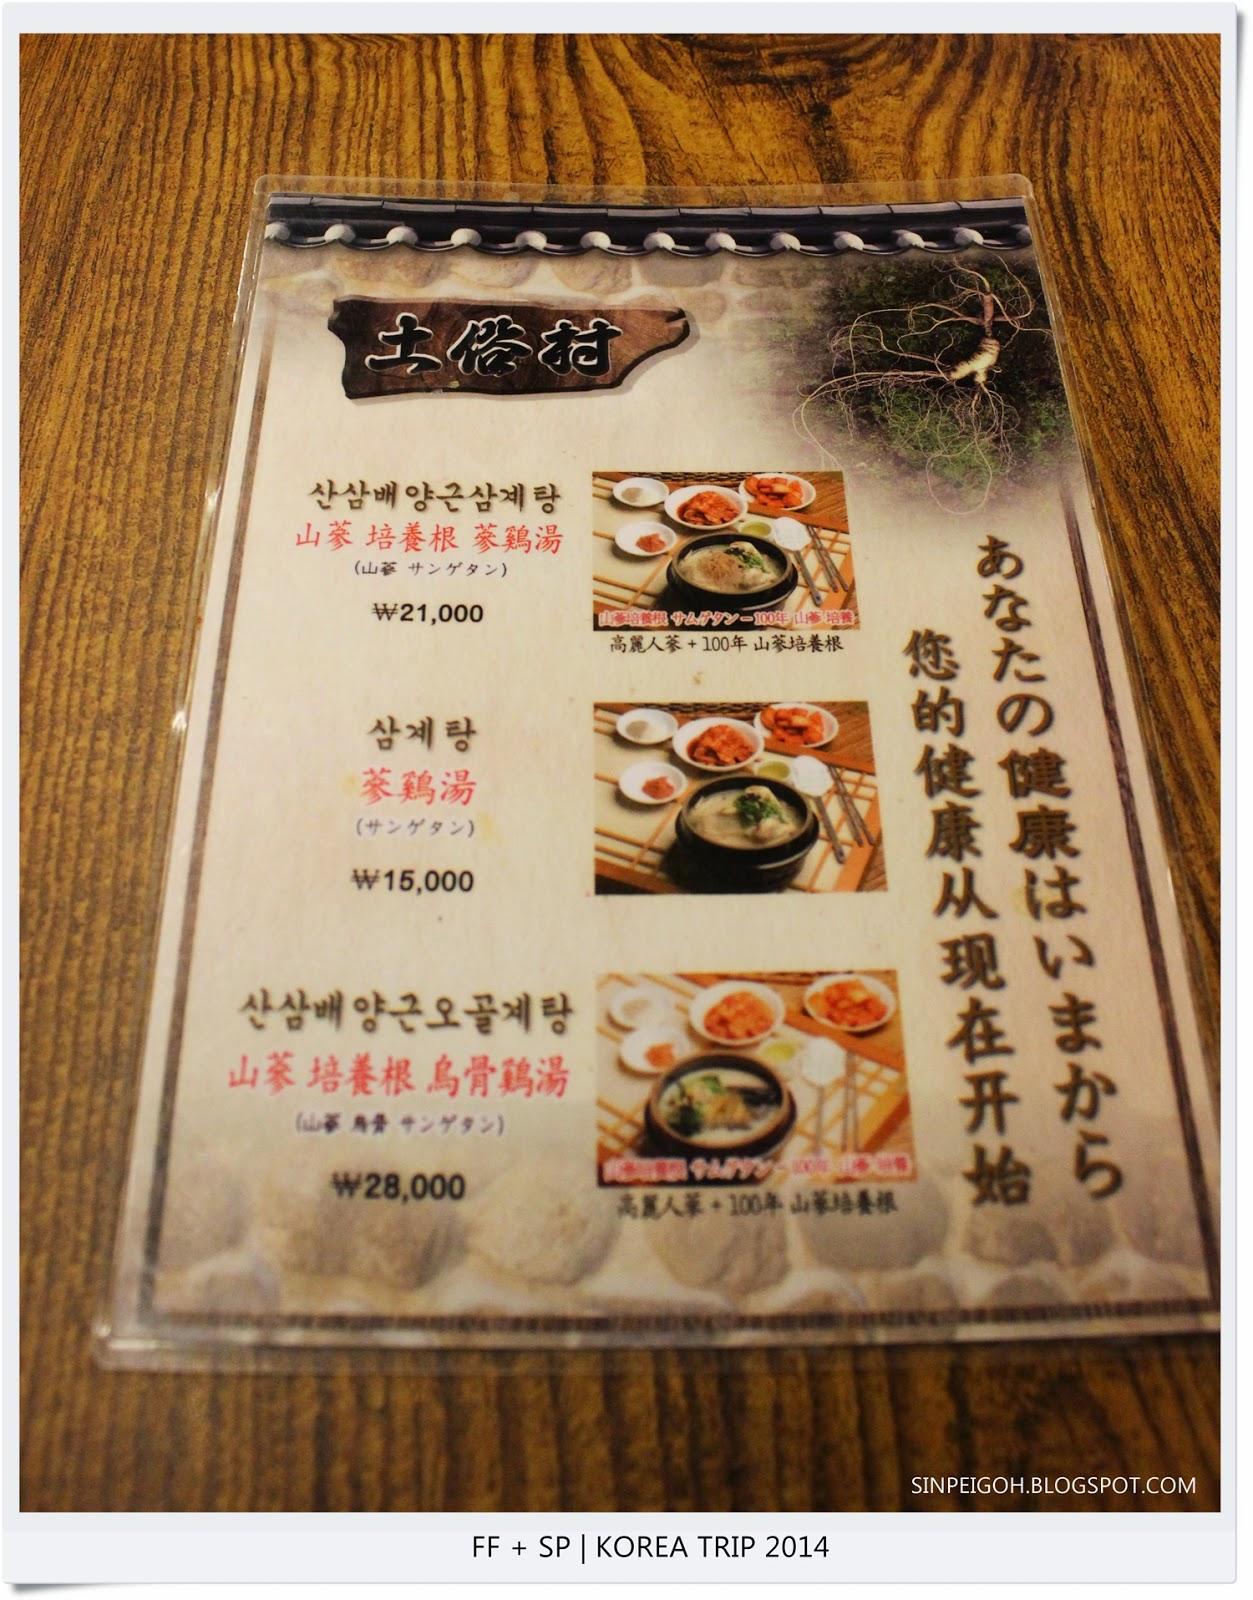 韓國必吃 | 超補身子的土俗村蔘雞湯 - 吃吃喝喝 · 看世界